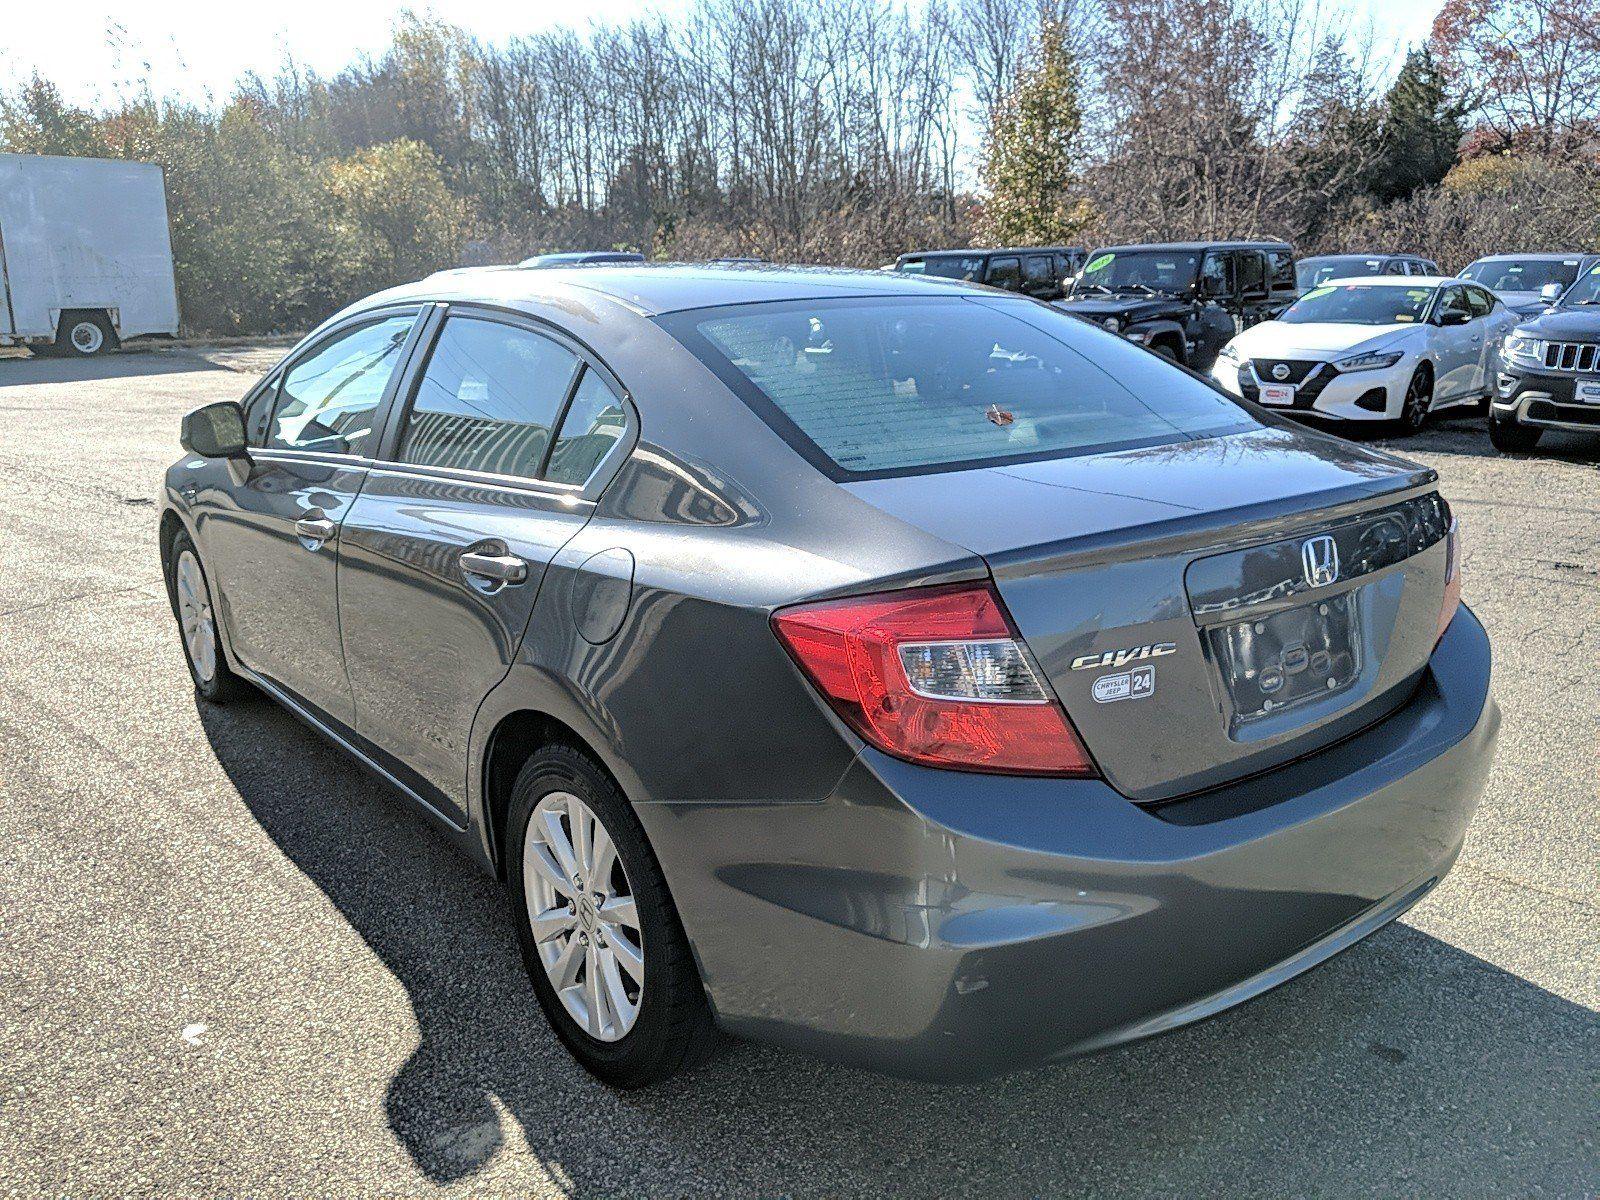 Details Here Https Dantuckerautos Com Fresh 2003 Honda Civic Problems In 2020 Honda Civic Honda Civic Vtec Civic